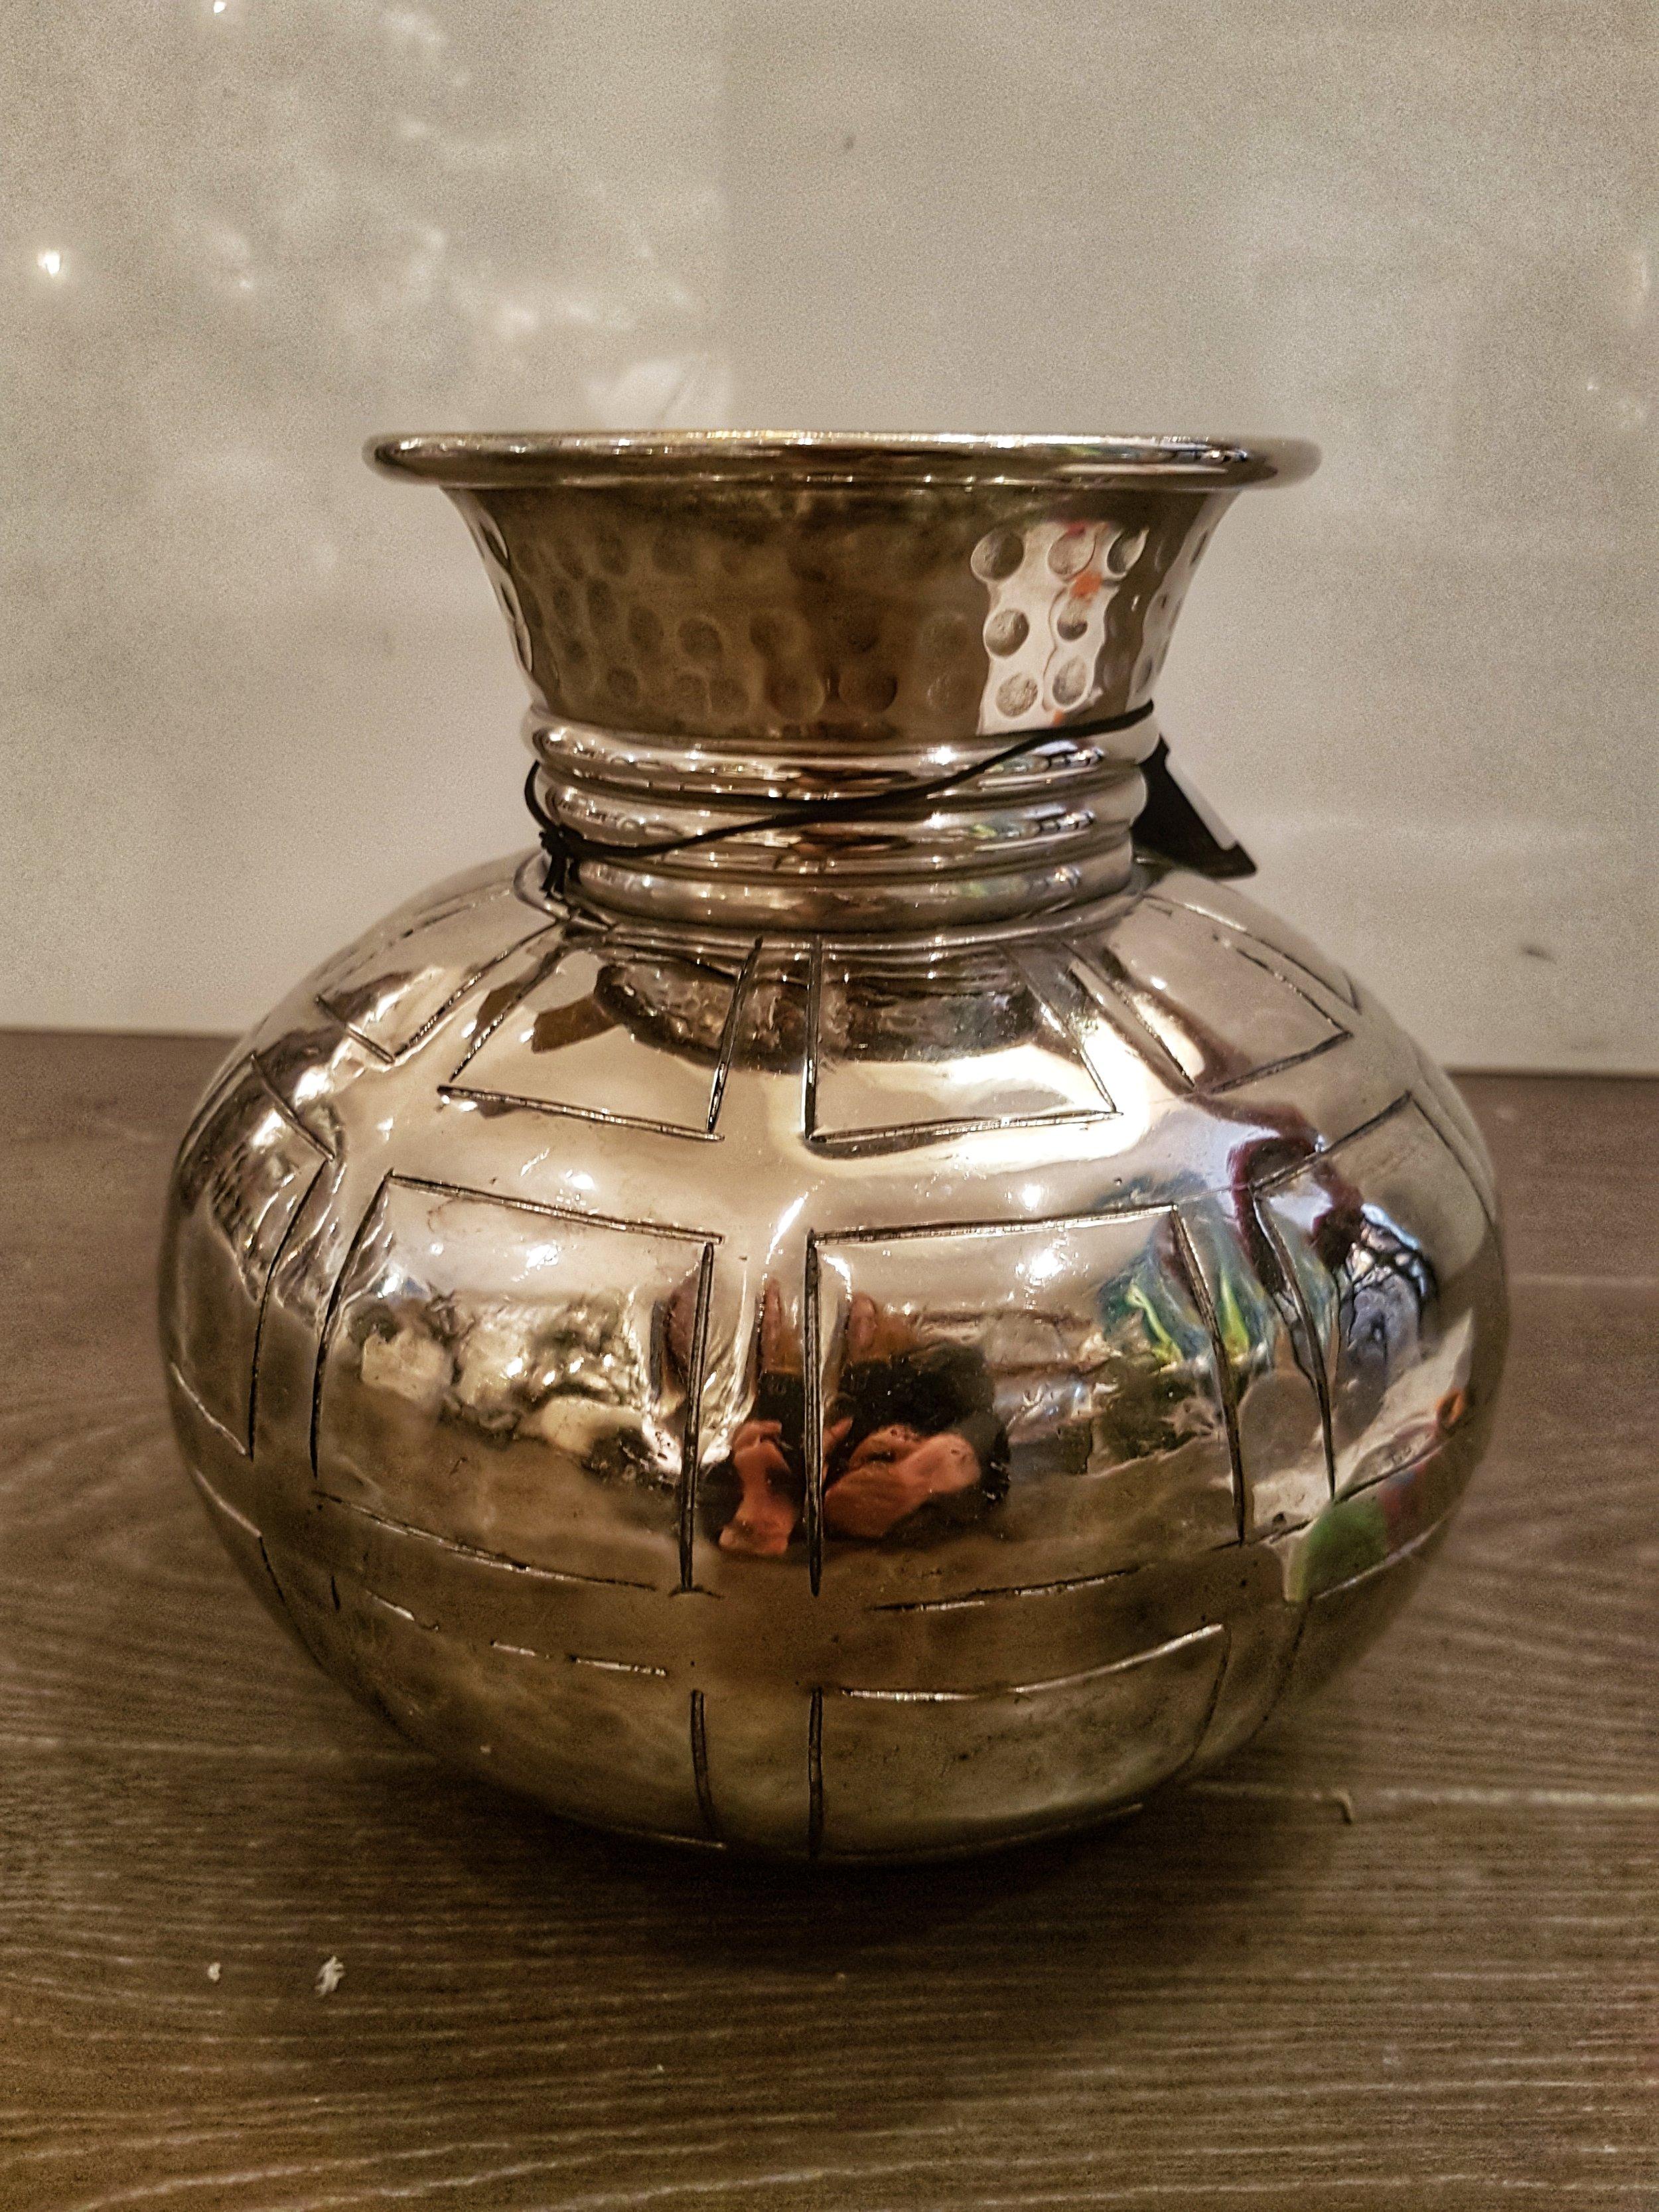 Vase - £27